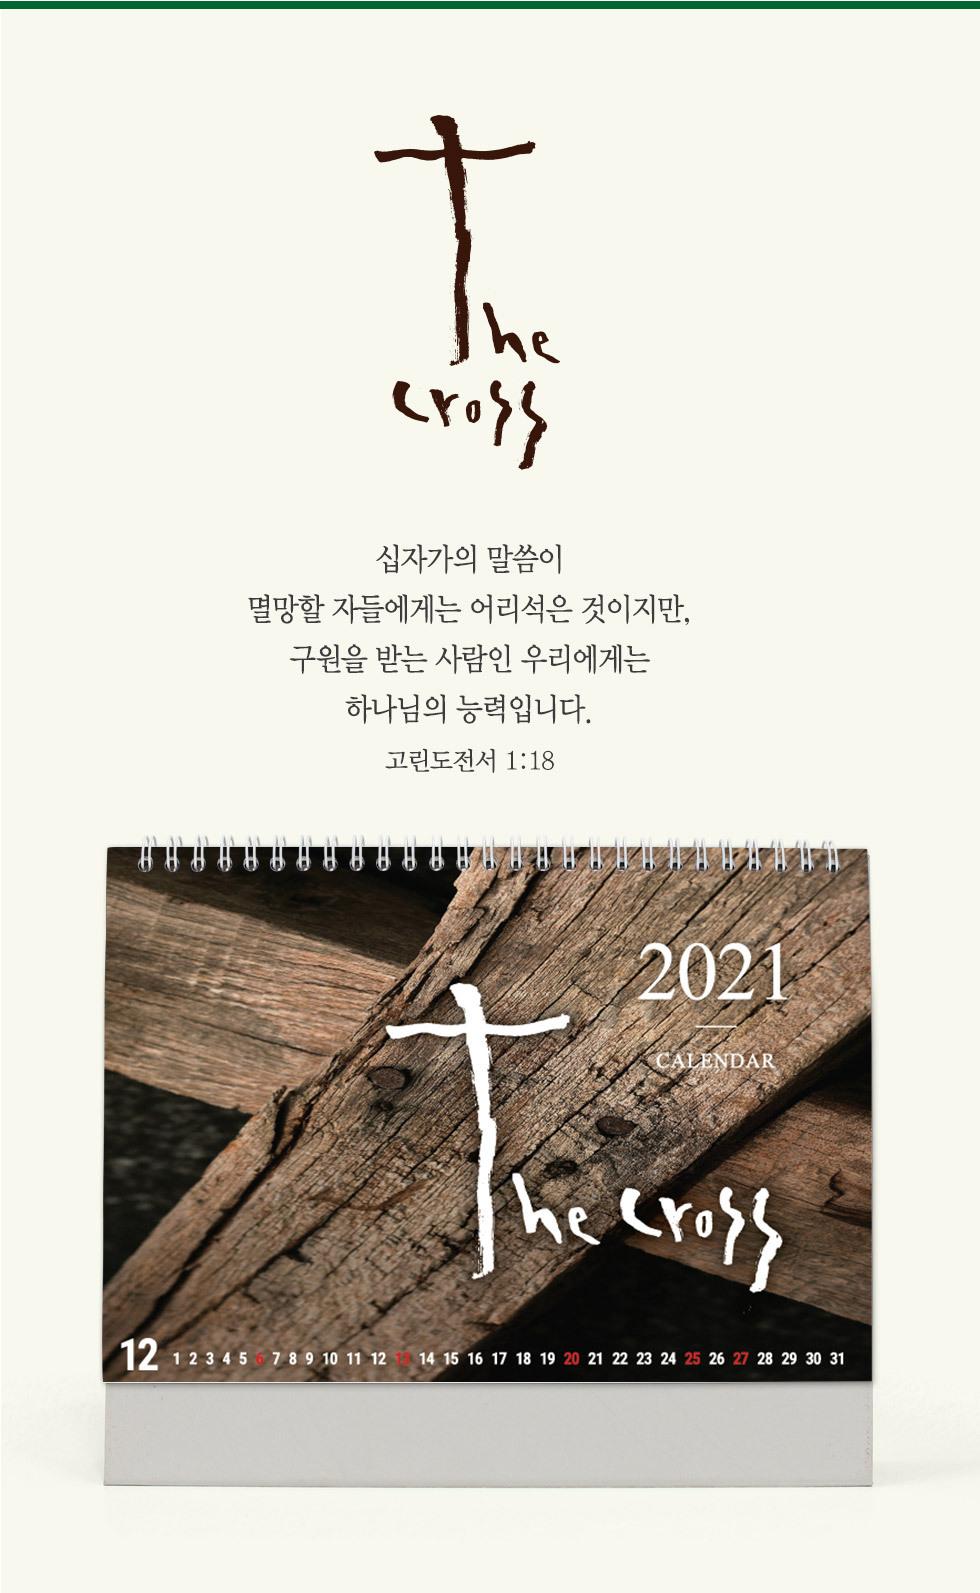 2021년 탁상달력 십자가 Cross -  십자가 Cross, 시편 115:13 높은 사람이나 낮은 사람을 막론하고 여호와를 경외하는 자들에게 복을 주시리로다.